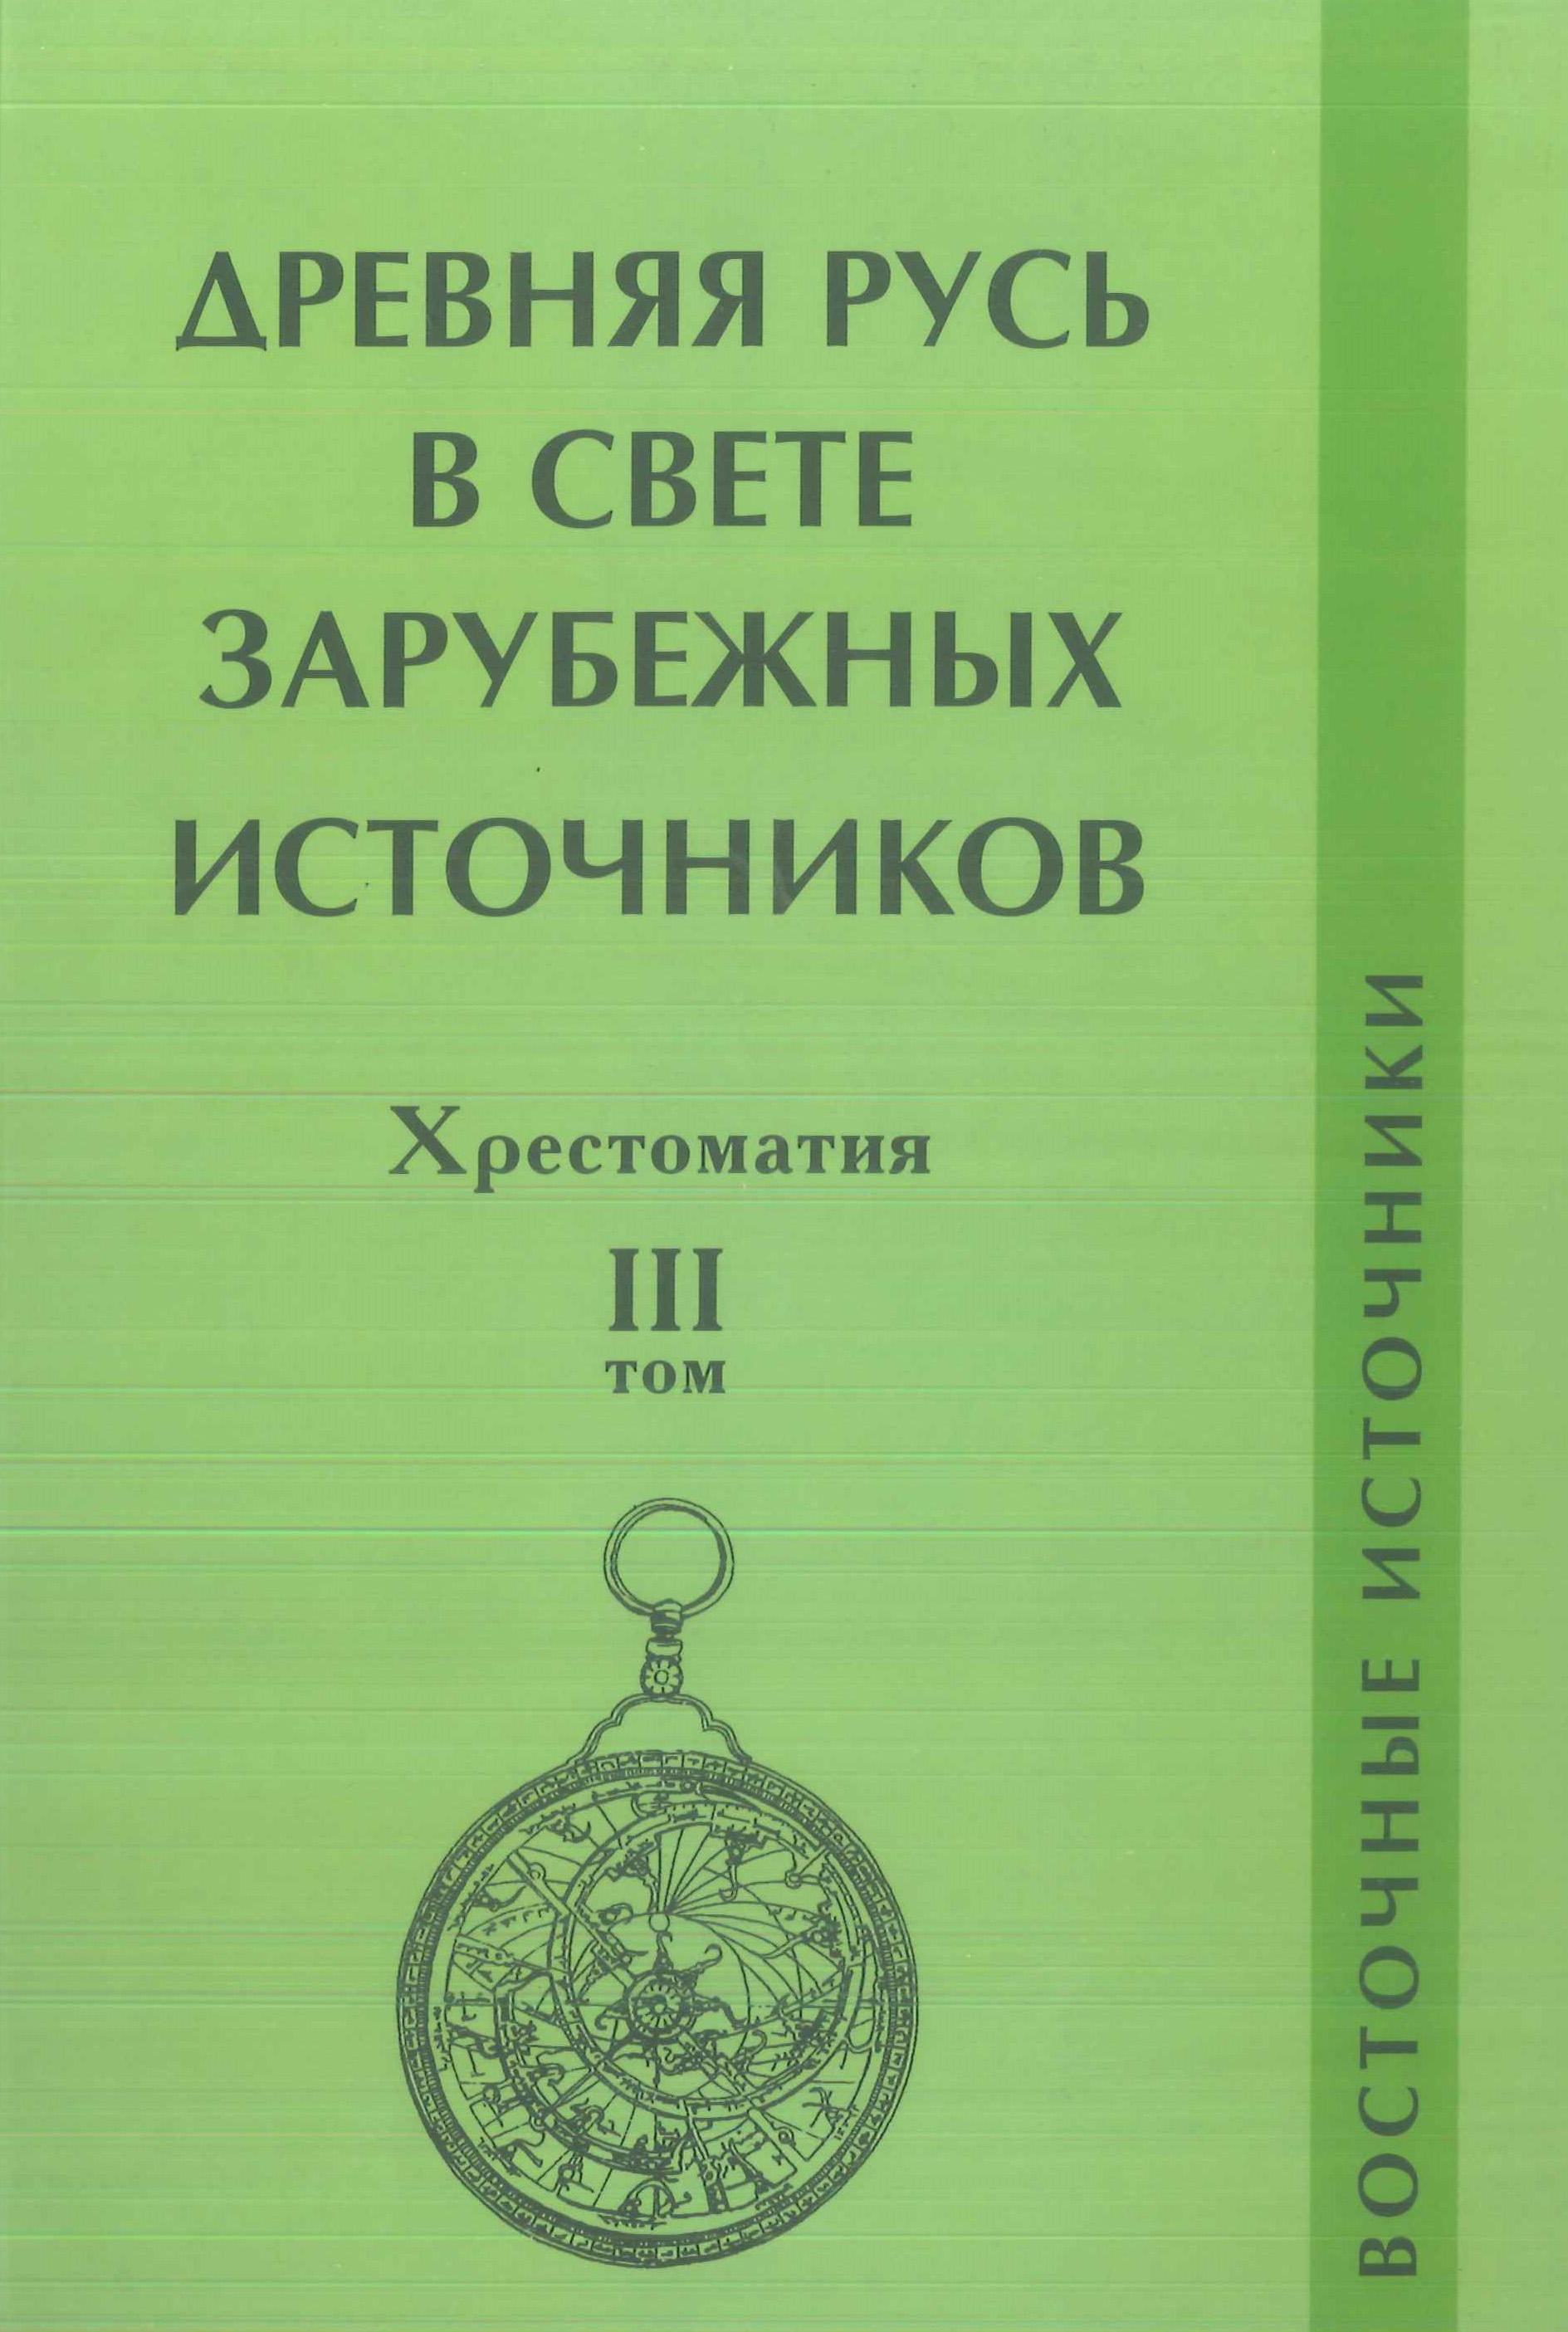 Отсутствует Древняя Русь в свете зарубежных источников. Том III. Восточные источники i